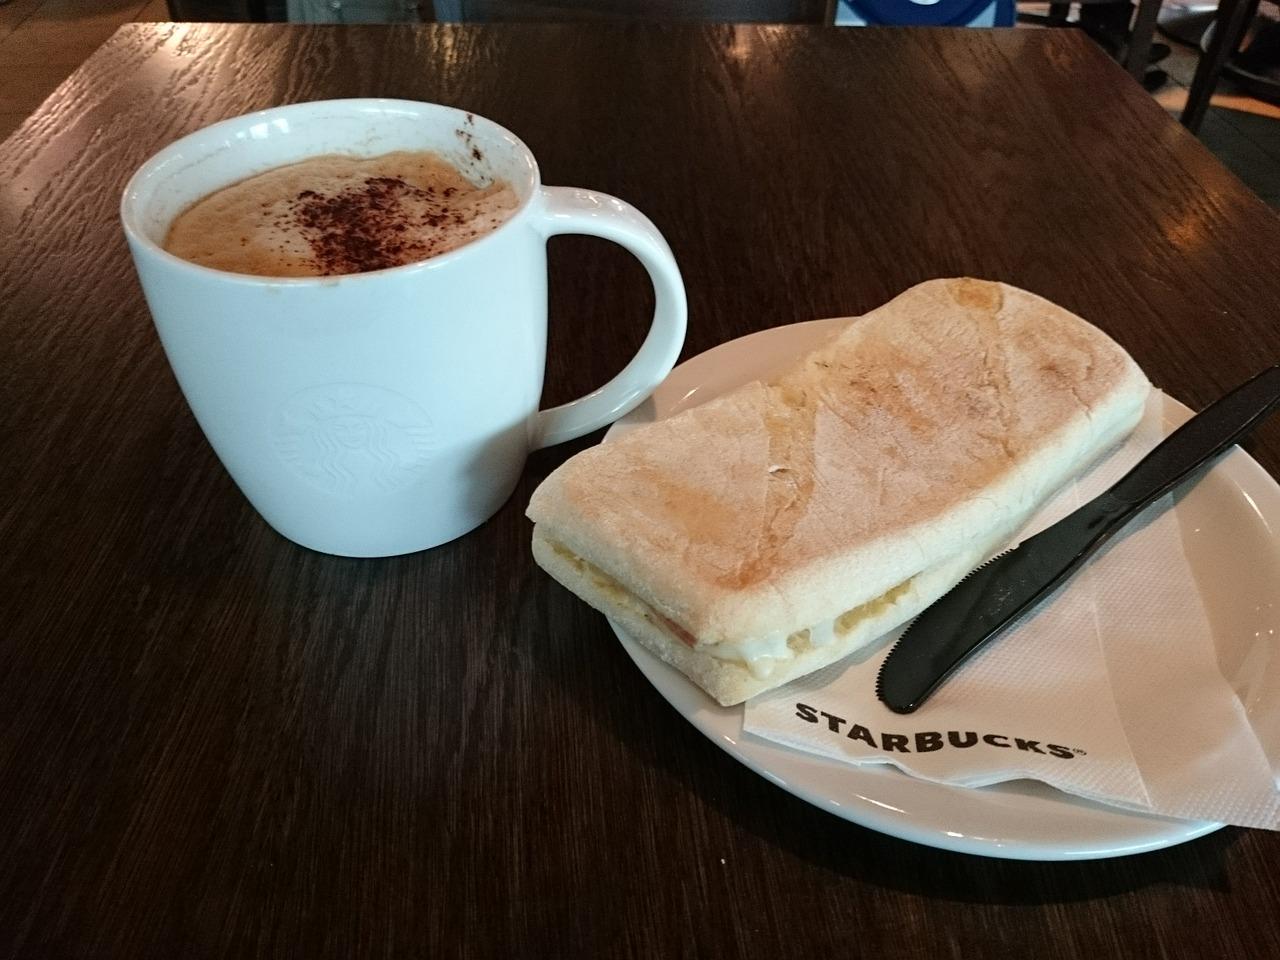 北野異人館のスタバは神戸で人気のカフェ!営業時間・アクセス方法まとめ!